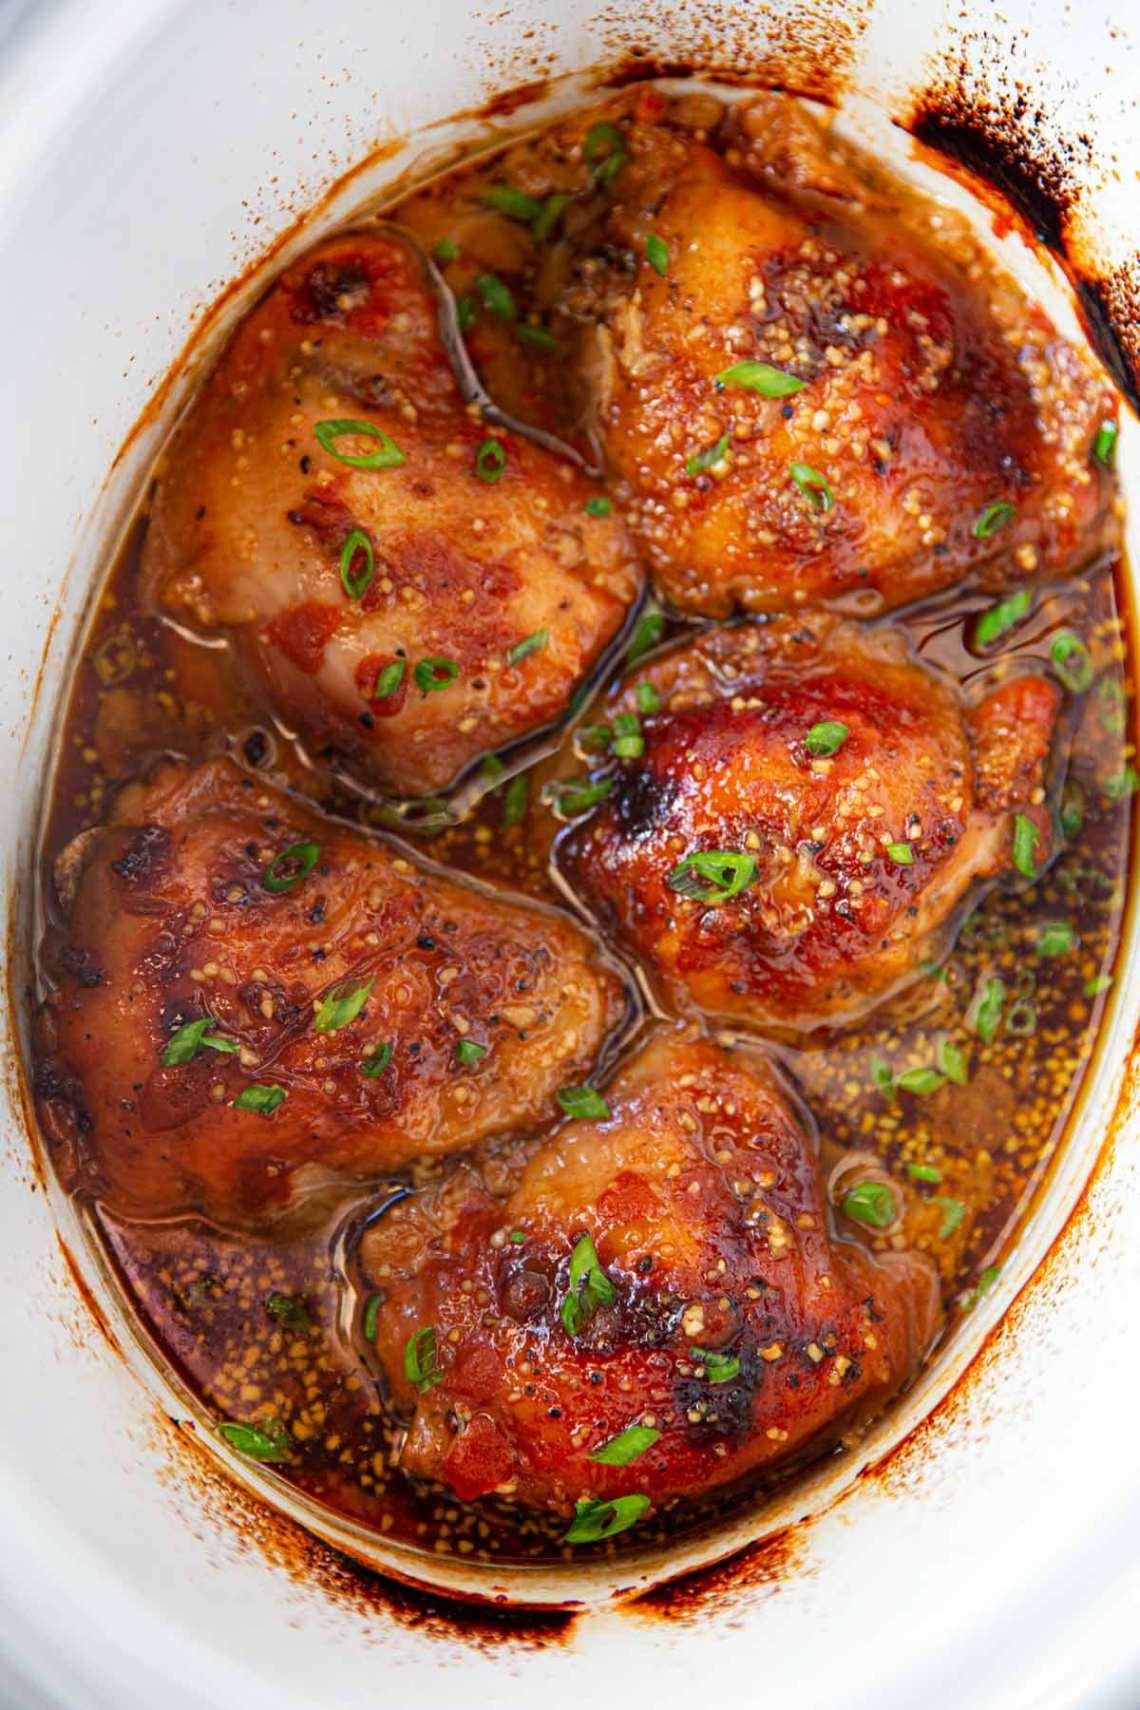 Easy Slow Cooker Brown Sugar Sriracha Chicken Recipe ...